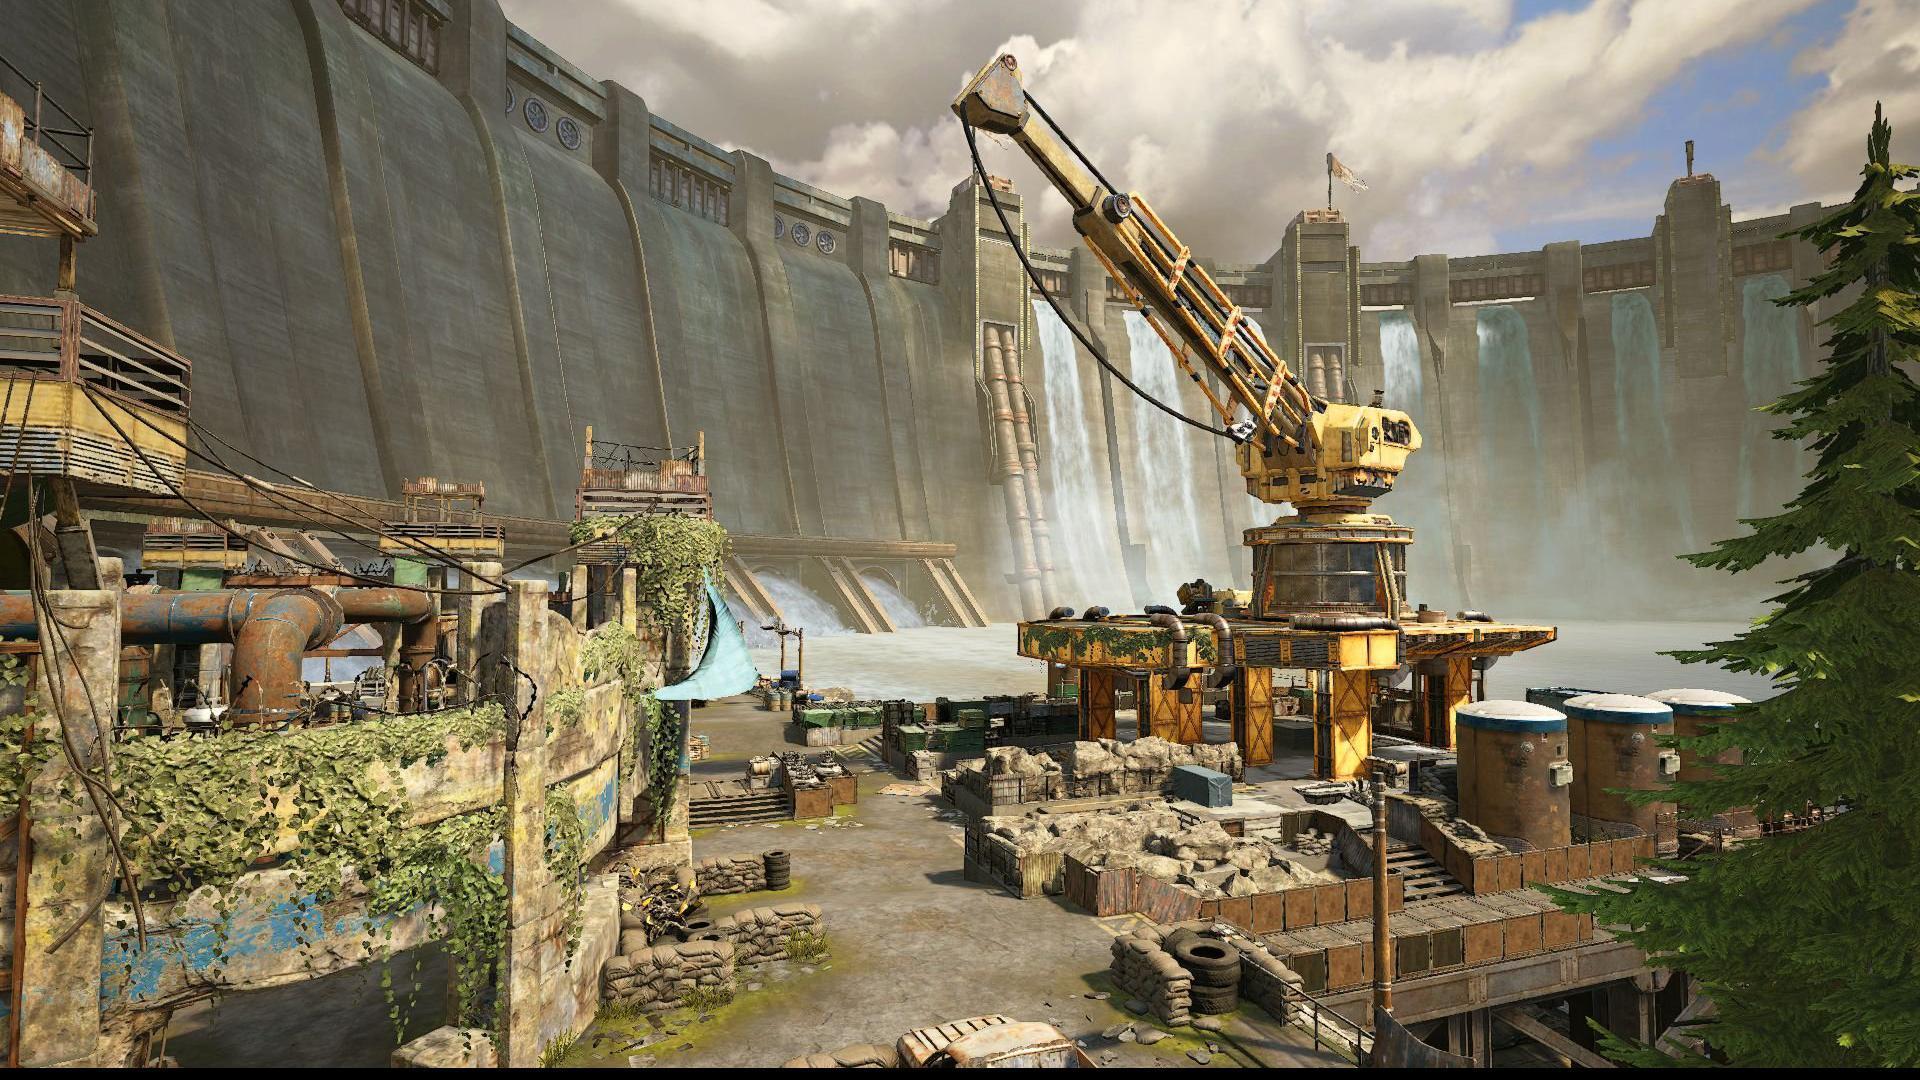 gears_of_war_4_screenshot_2bc38286.jpeg - Gears of War 4